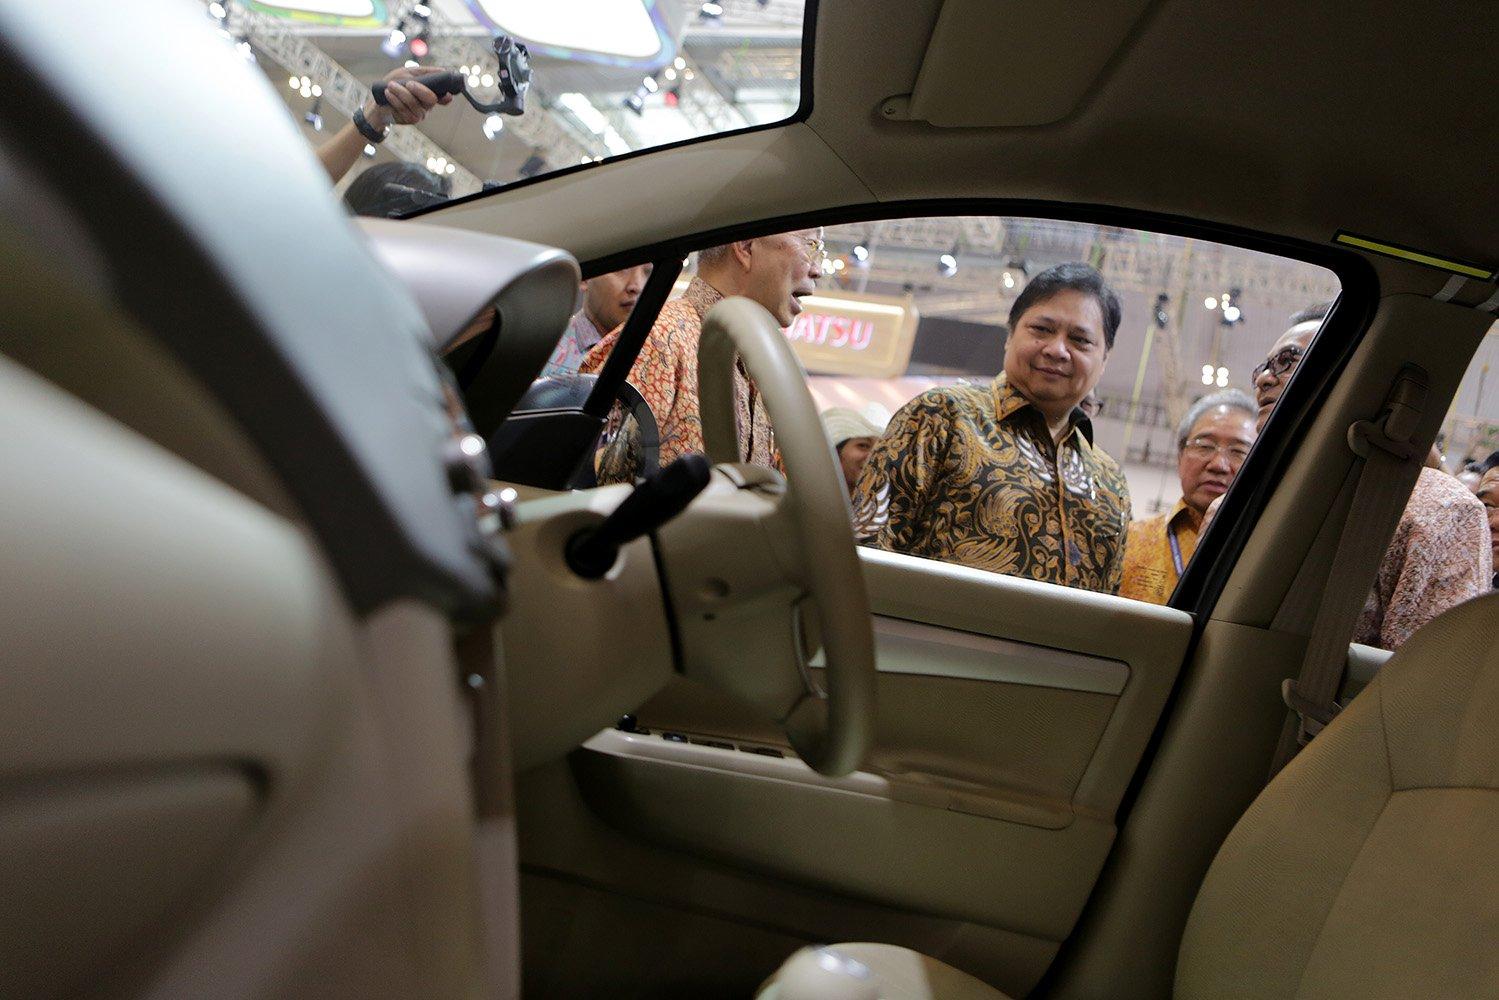 Menteri Perindustrian Airlangga Hartarto meninjau stand pamer mobil Suzuki pada ajang GIIAS 2017, di Tangerang, Banten, Kamis (10/8).